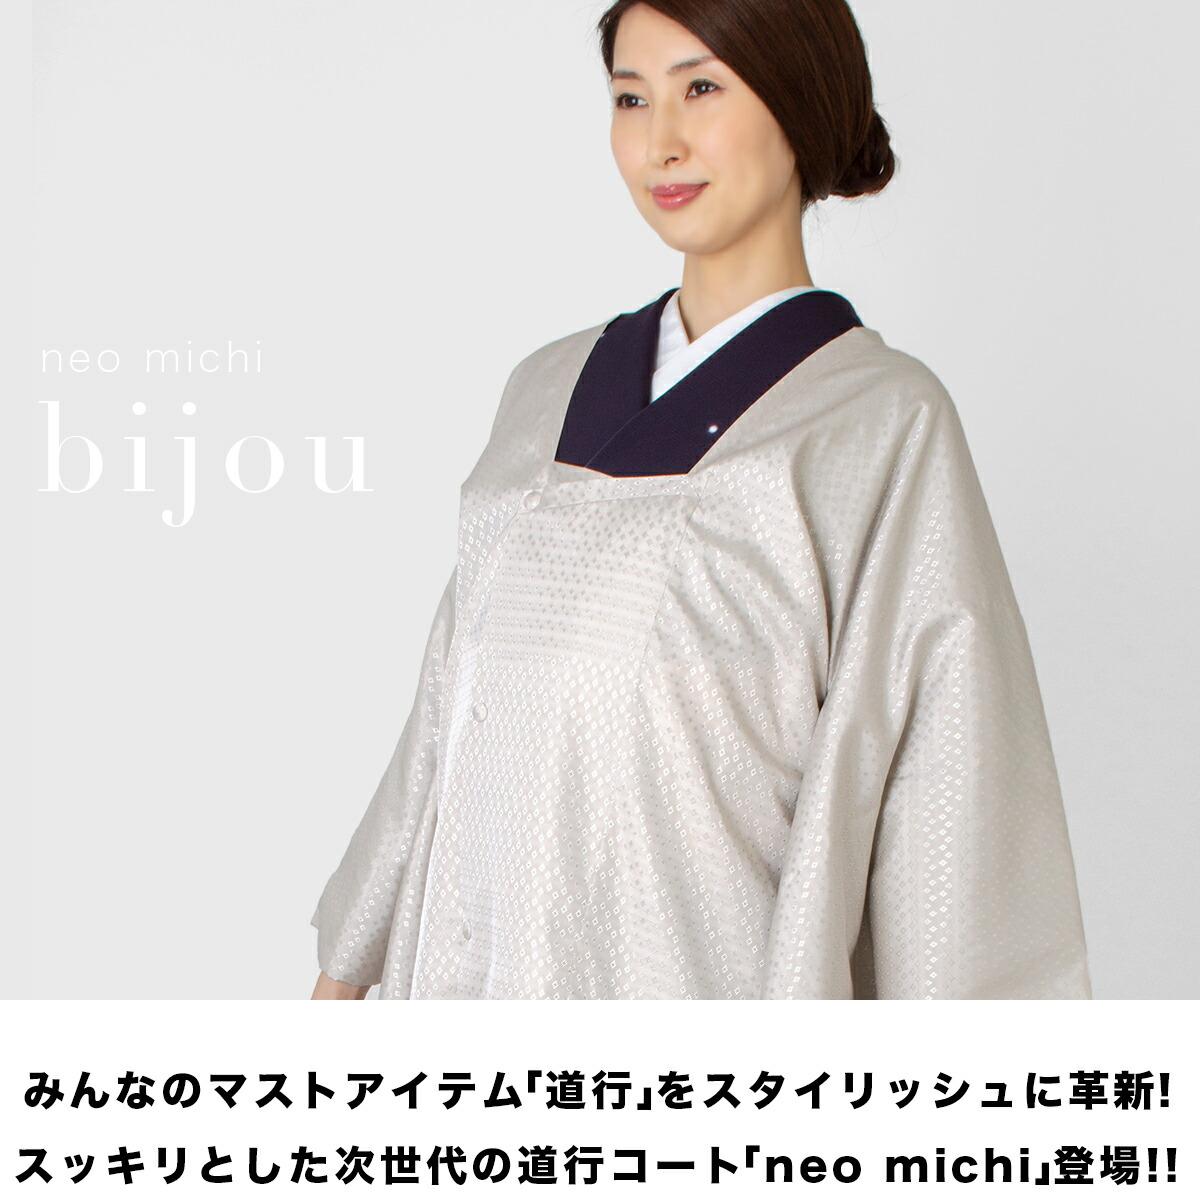 道行コートneo michi【bijou 】とき鼠